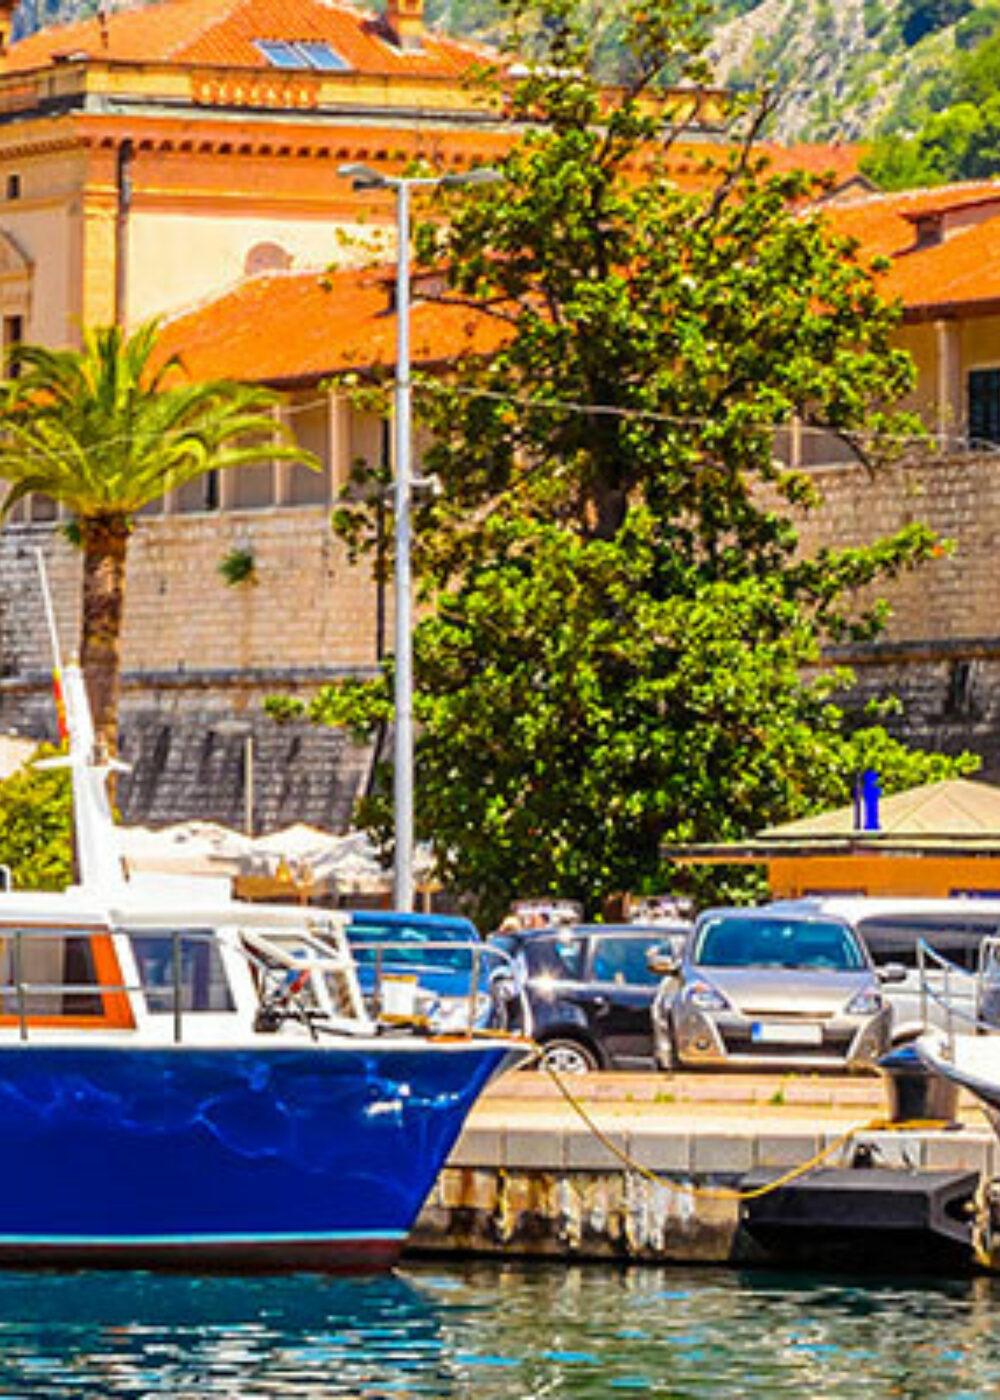 Green Motion Car Rental Montenegro Kotor Port 1400x400